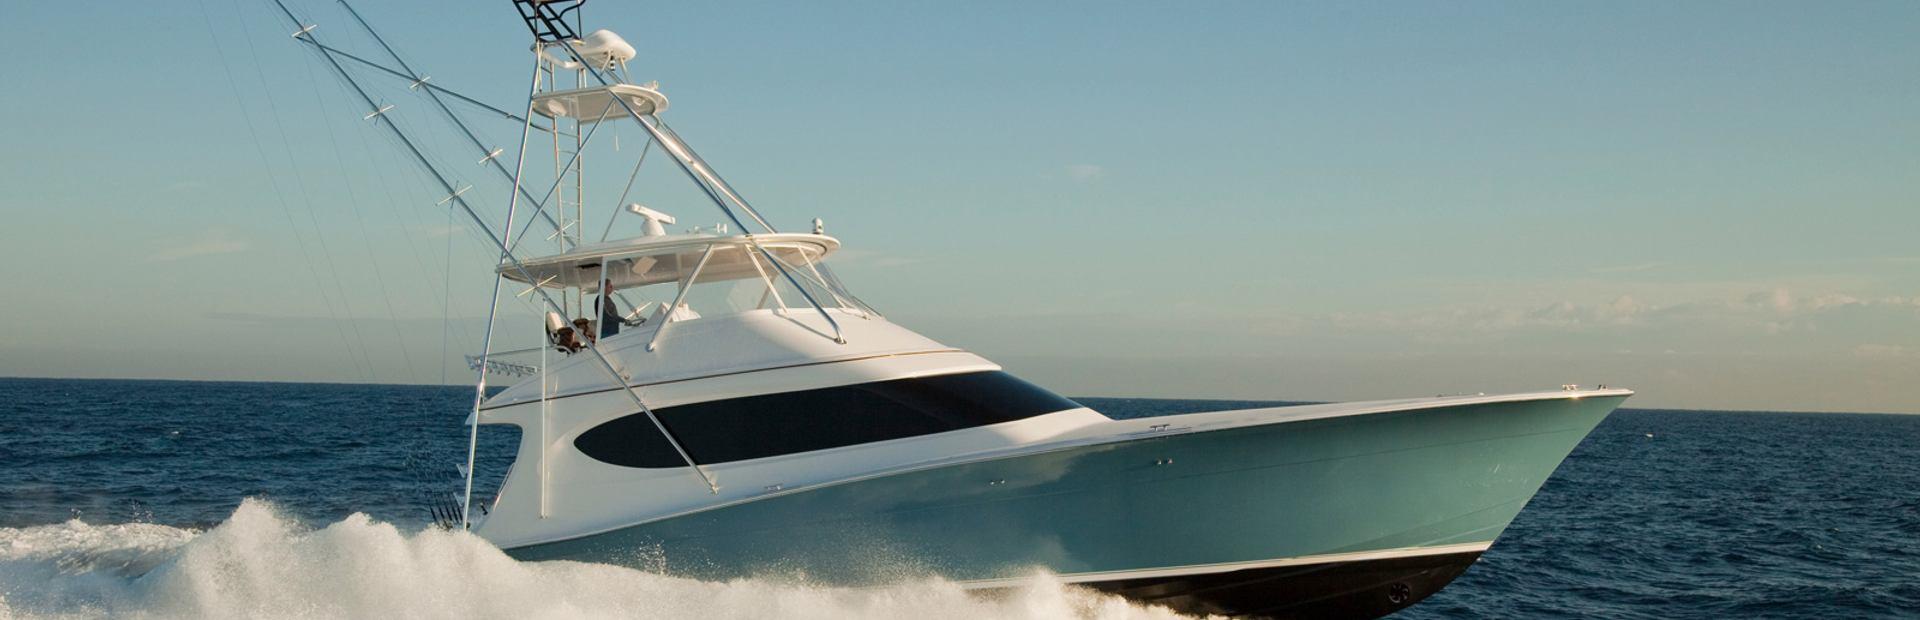 GT70 Yacht Charter